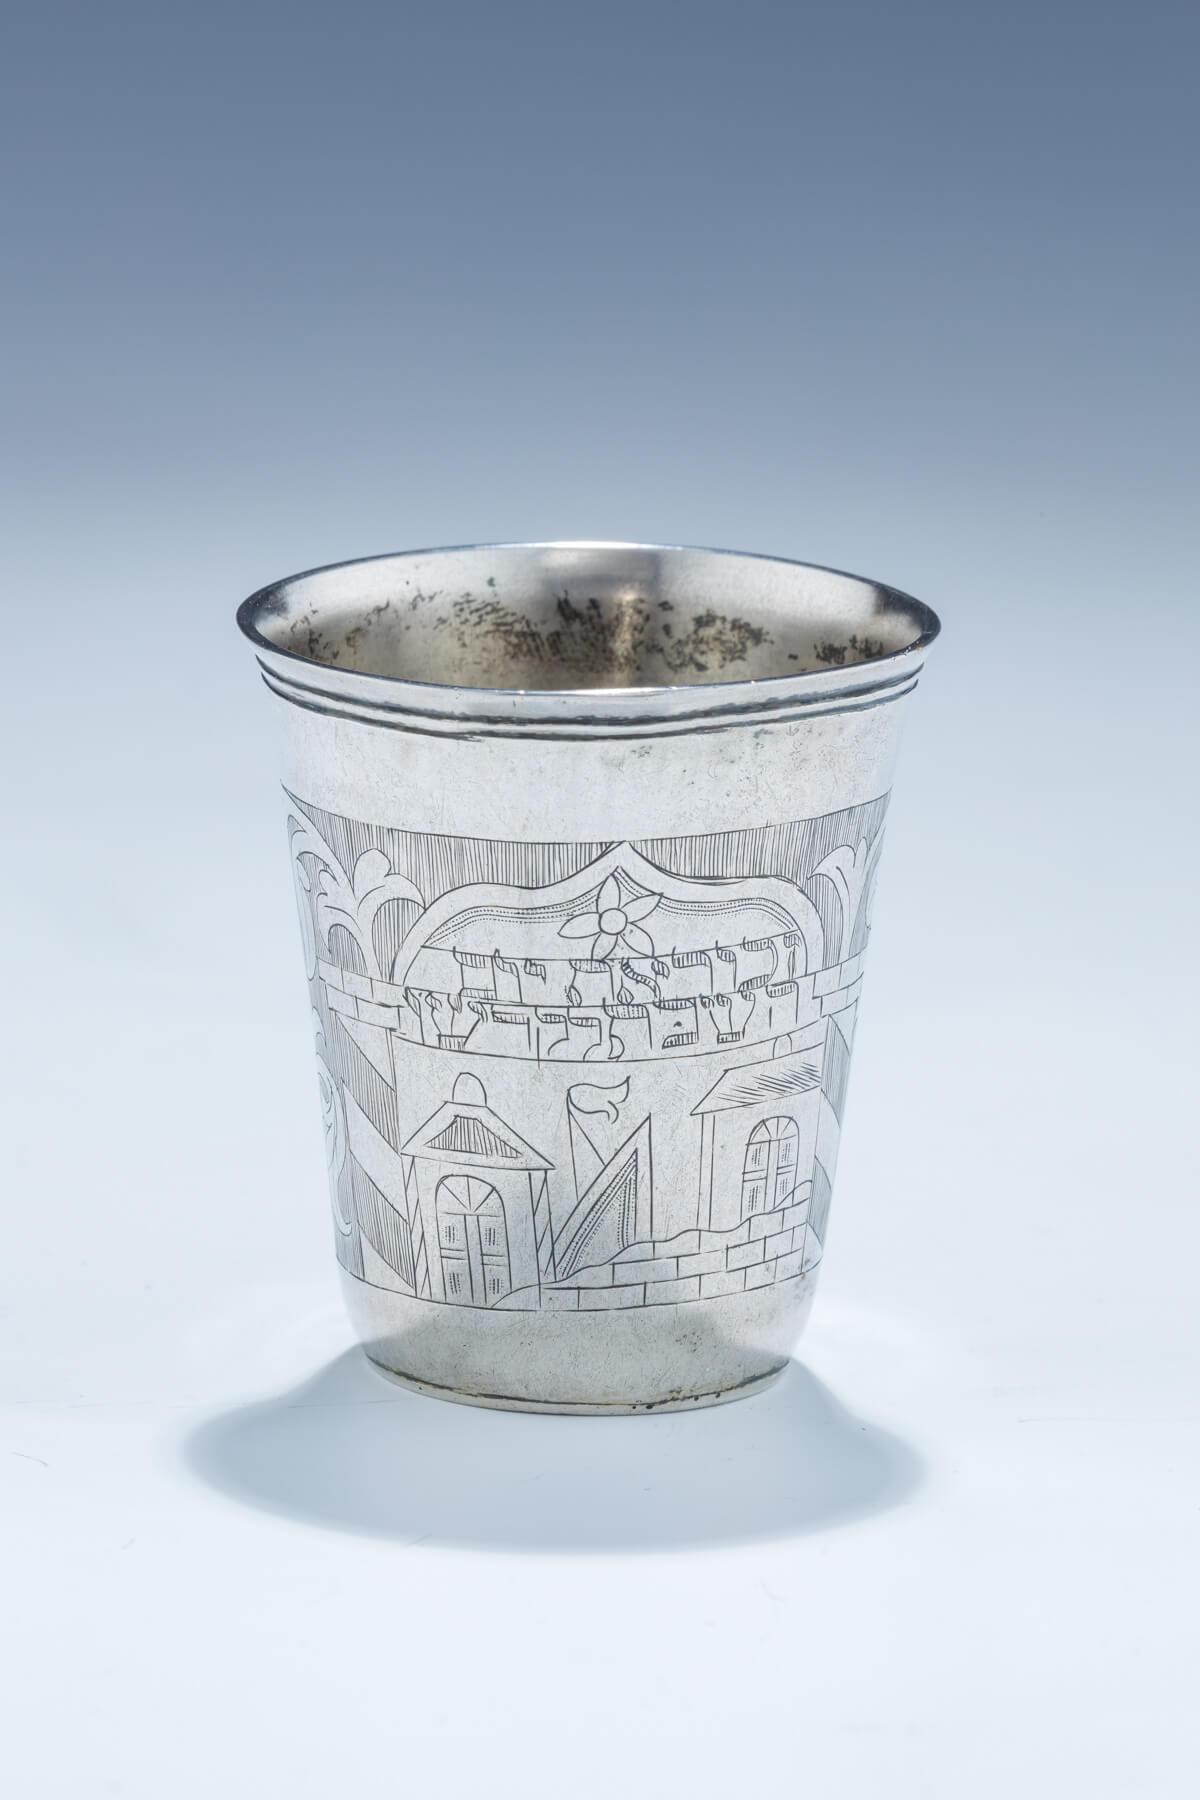 46. A Silver Kiddush Beaker